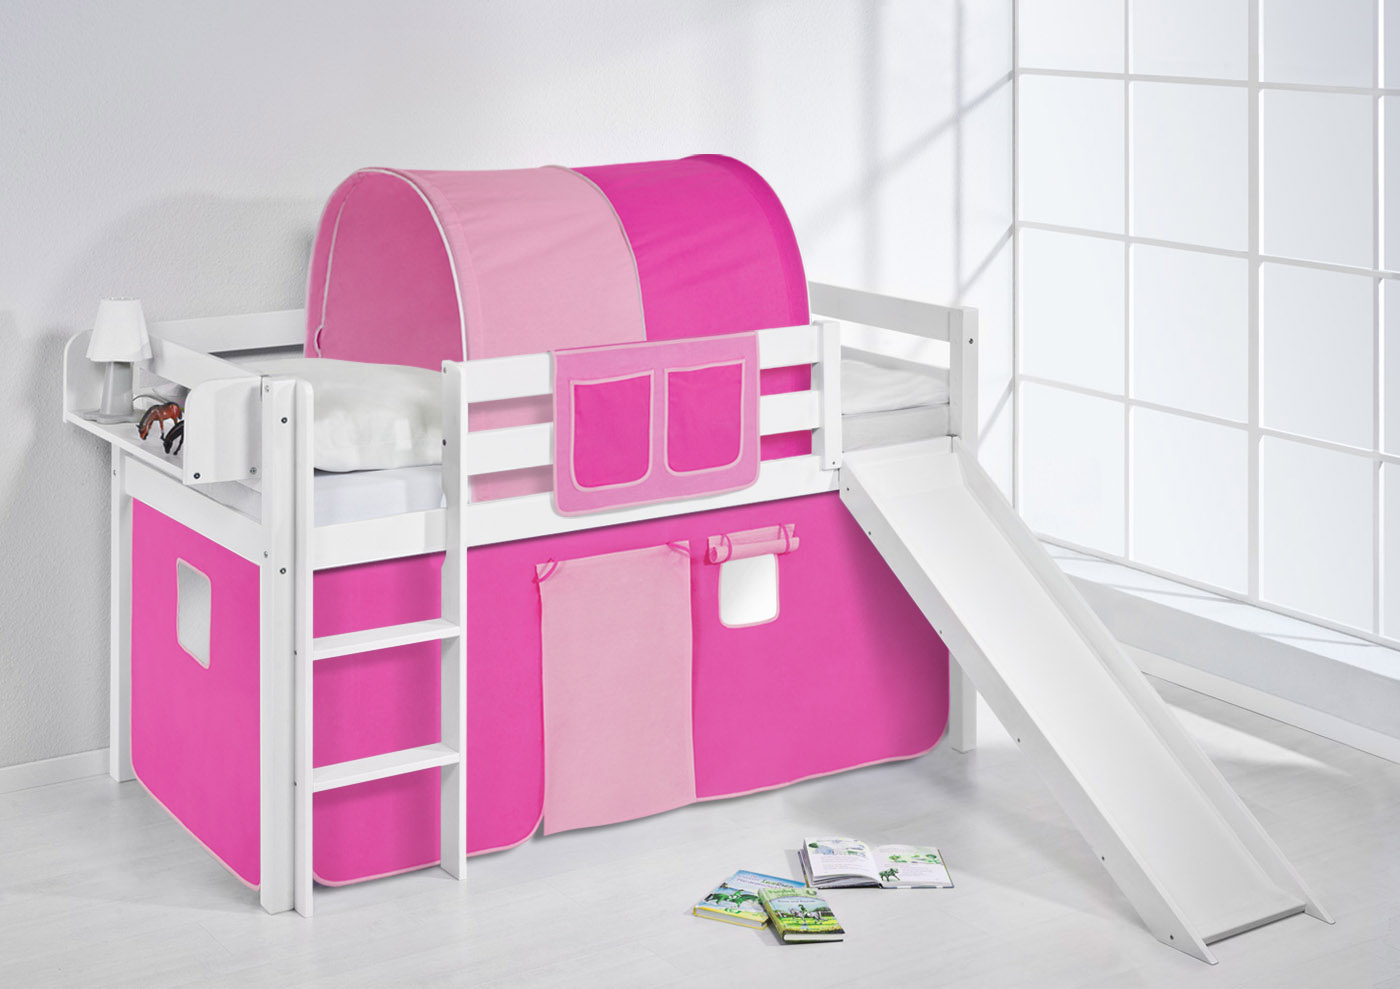 Spielbett Hochbett Kinderbett Kinder Bett JELLE mit Rutsche + Vorhang